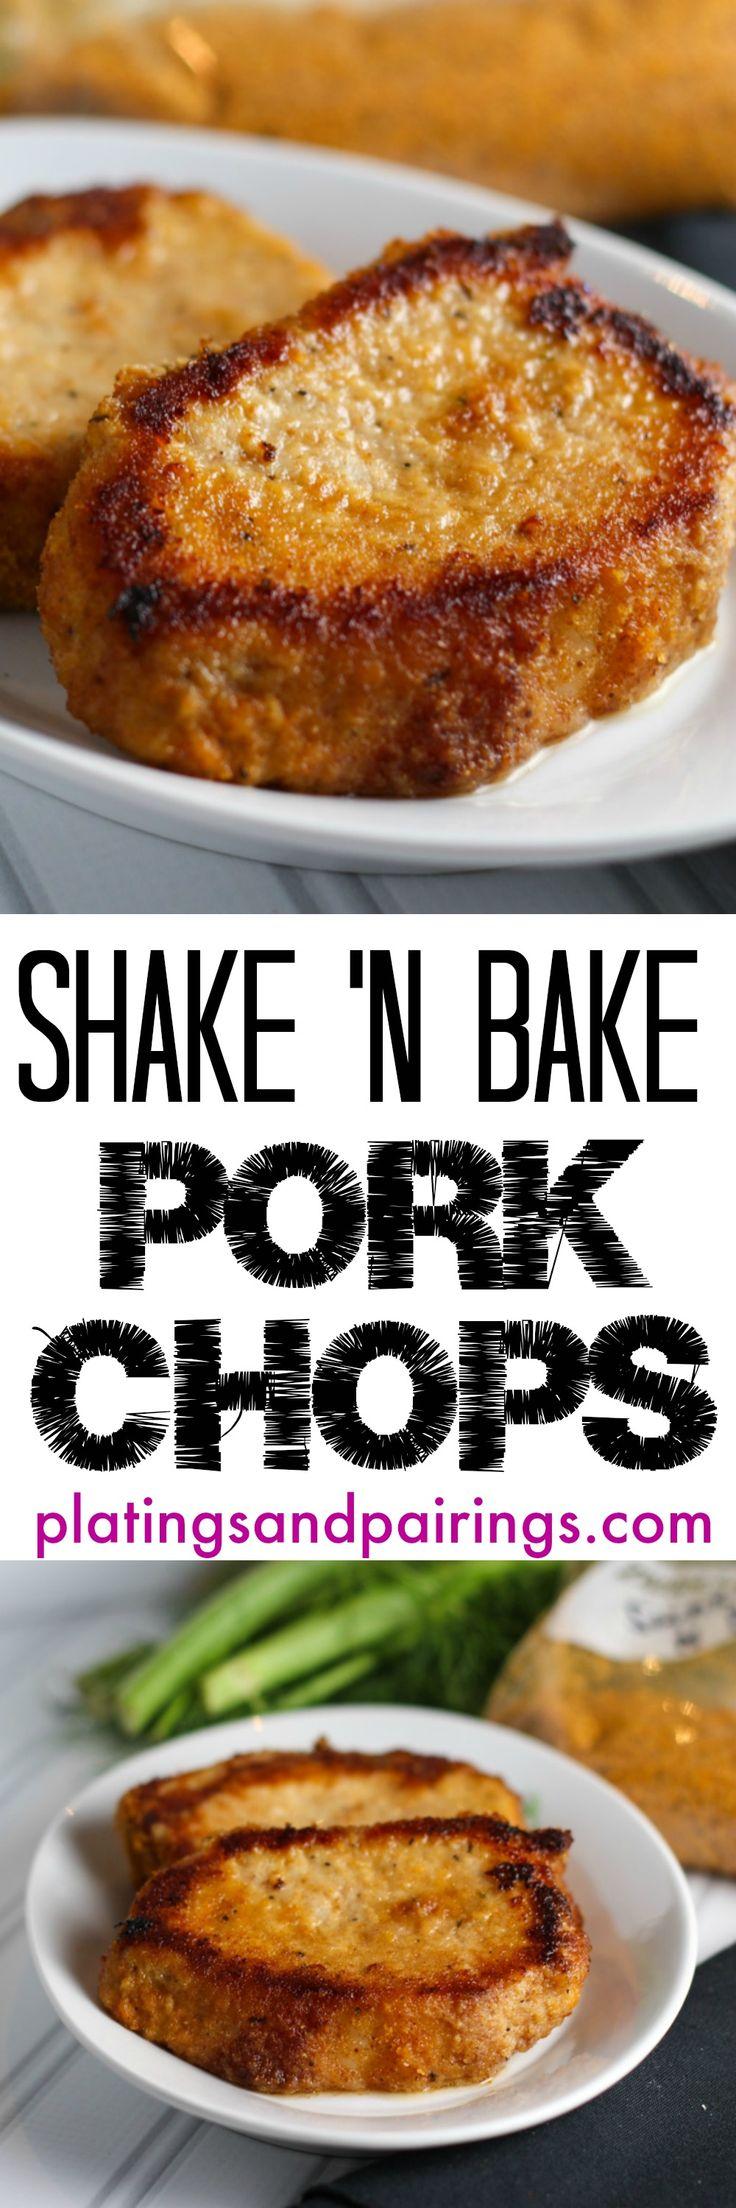 Homemade Shake N Bake - Crispy, Golden, Delicious Pork Chops!!! SO EASY to Make!